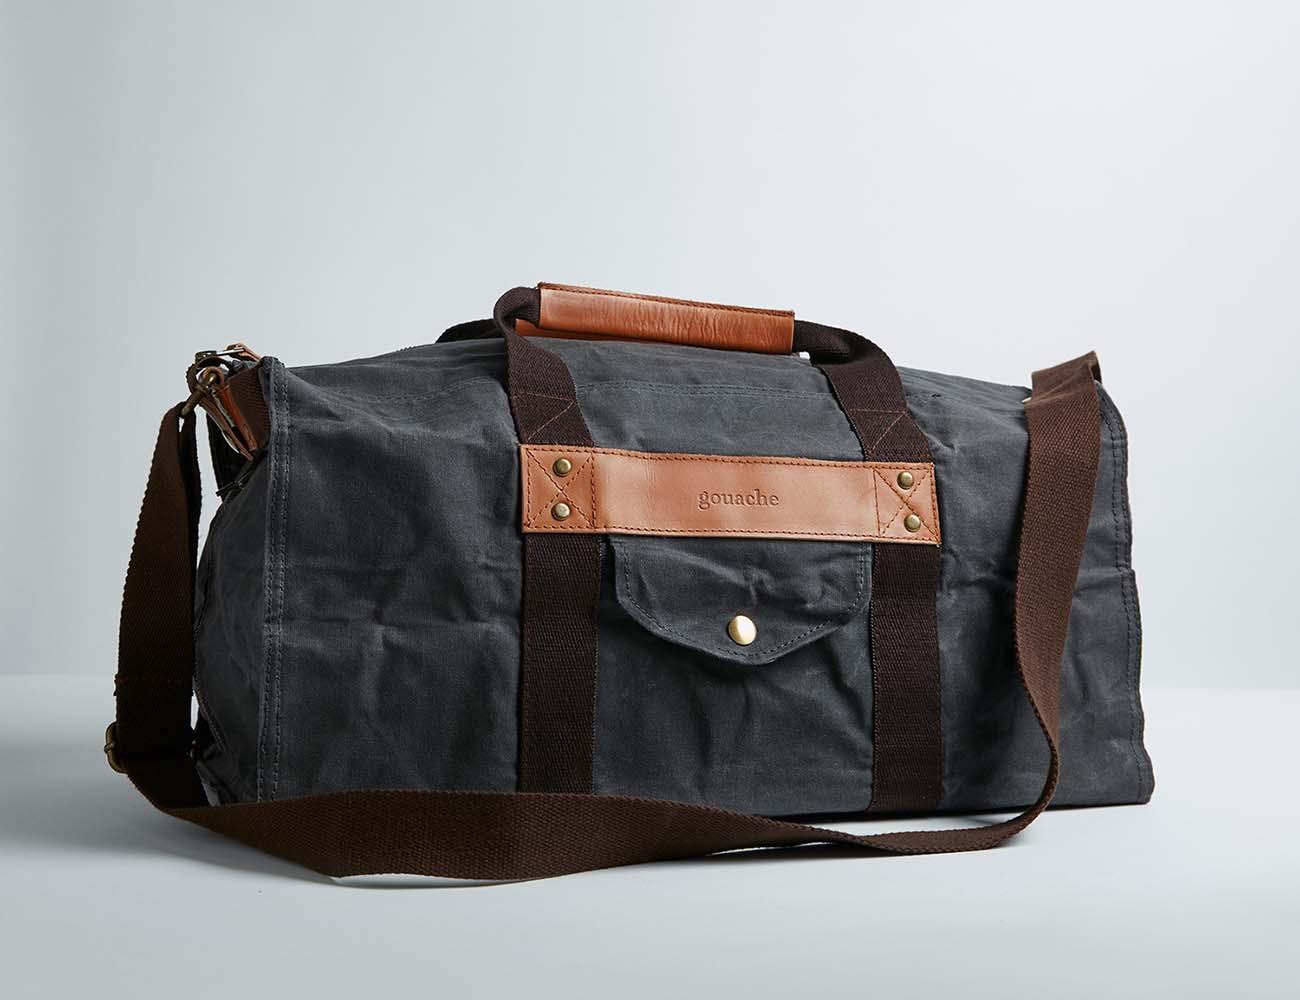 Hogarth Duffel Gym Bag by Gouache